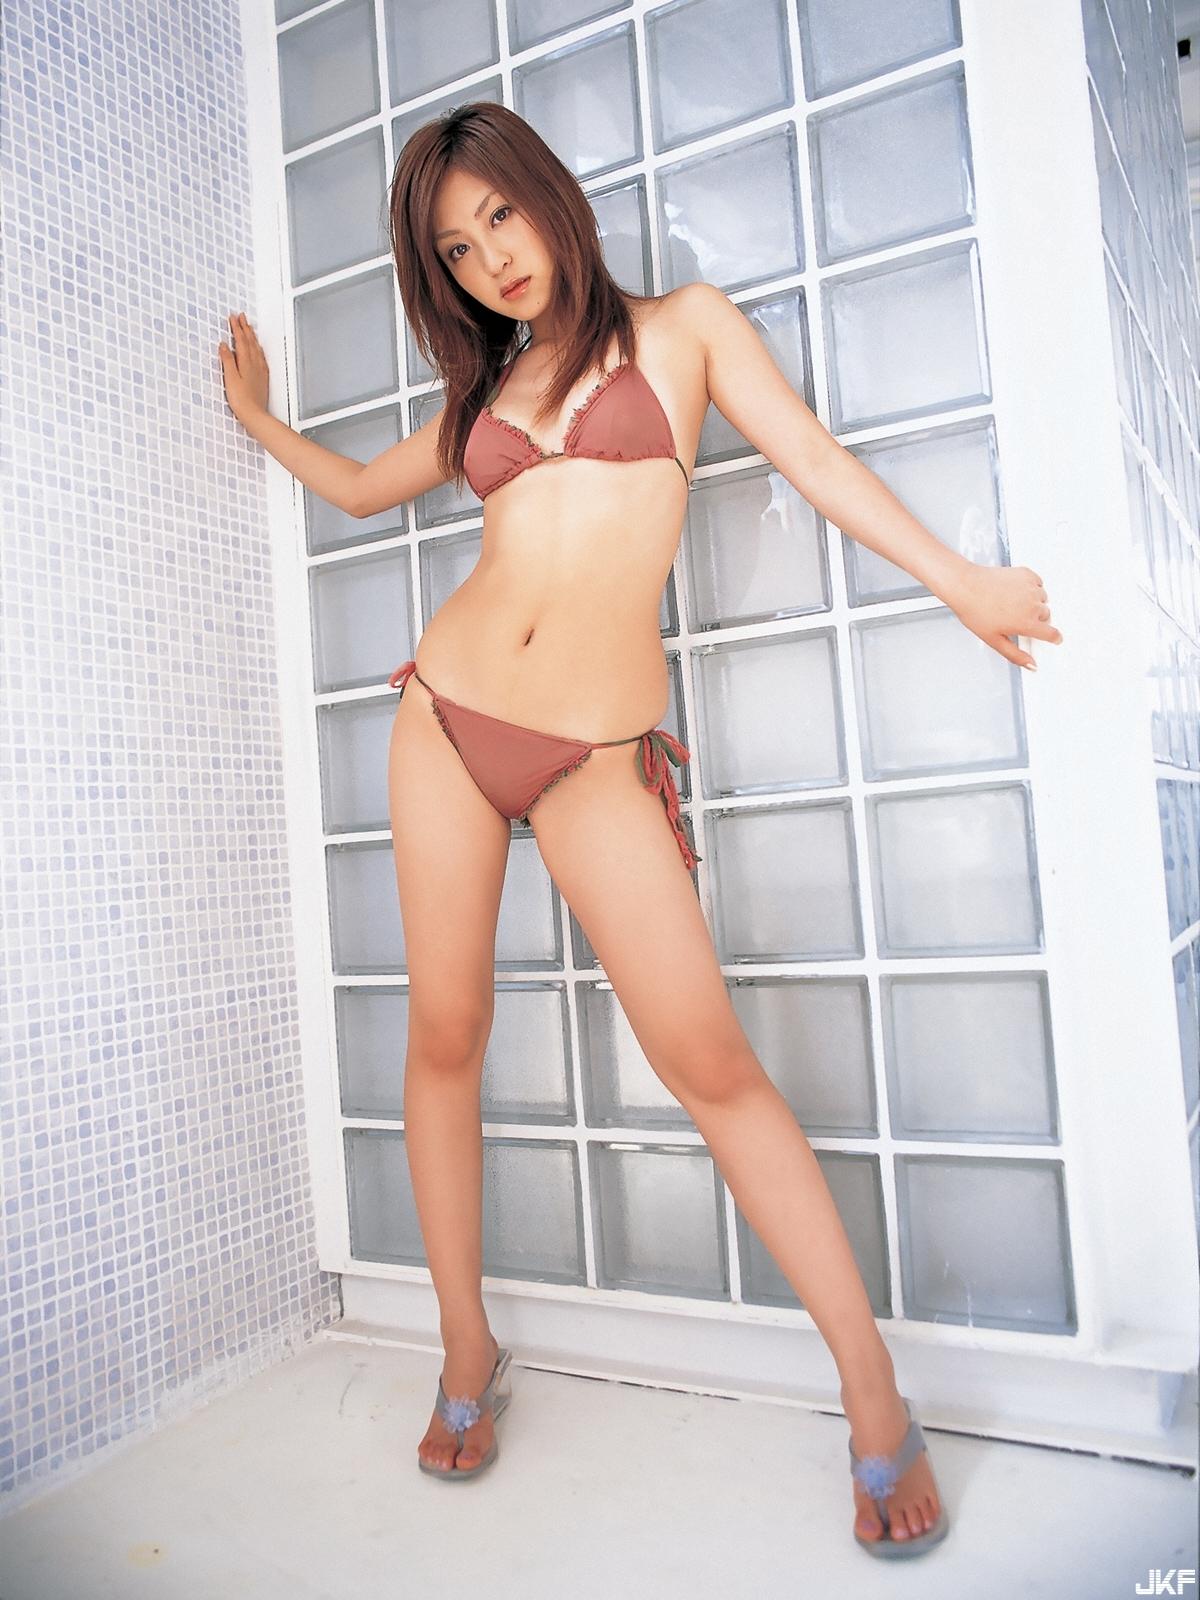 tatsumi-natsuko-547937.jpg